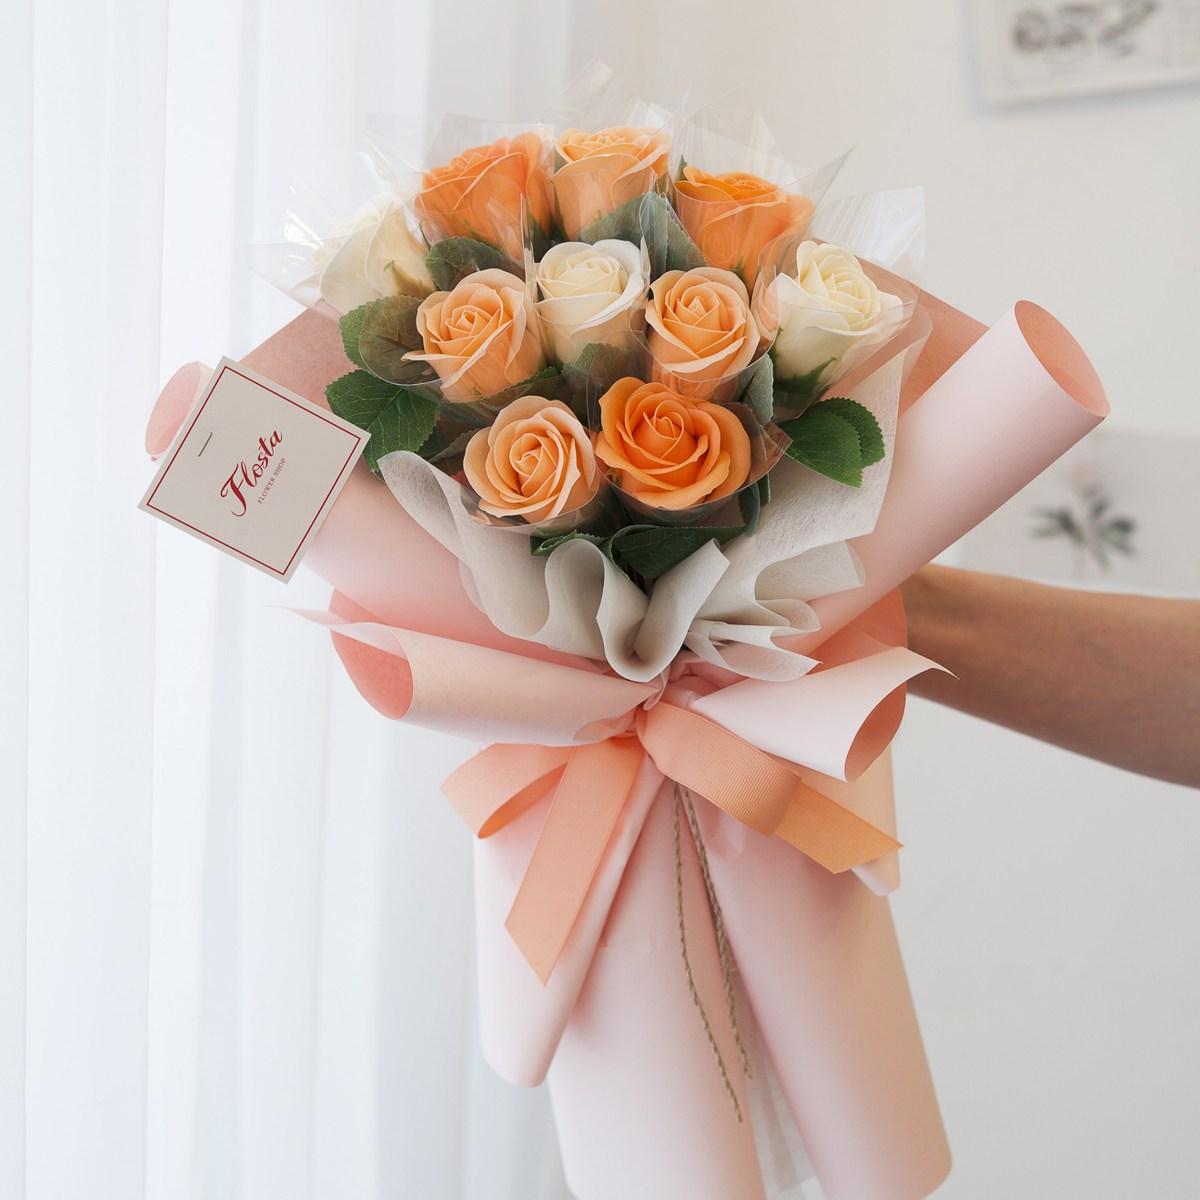 플로스타 당일 꽃배송 돈꽃다발 부모님 생신 어버이날 결혼 기념일, 10송이 오렌지샤베트